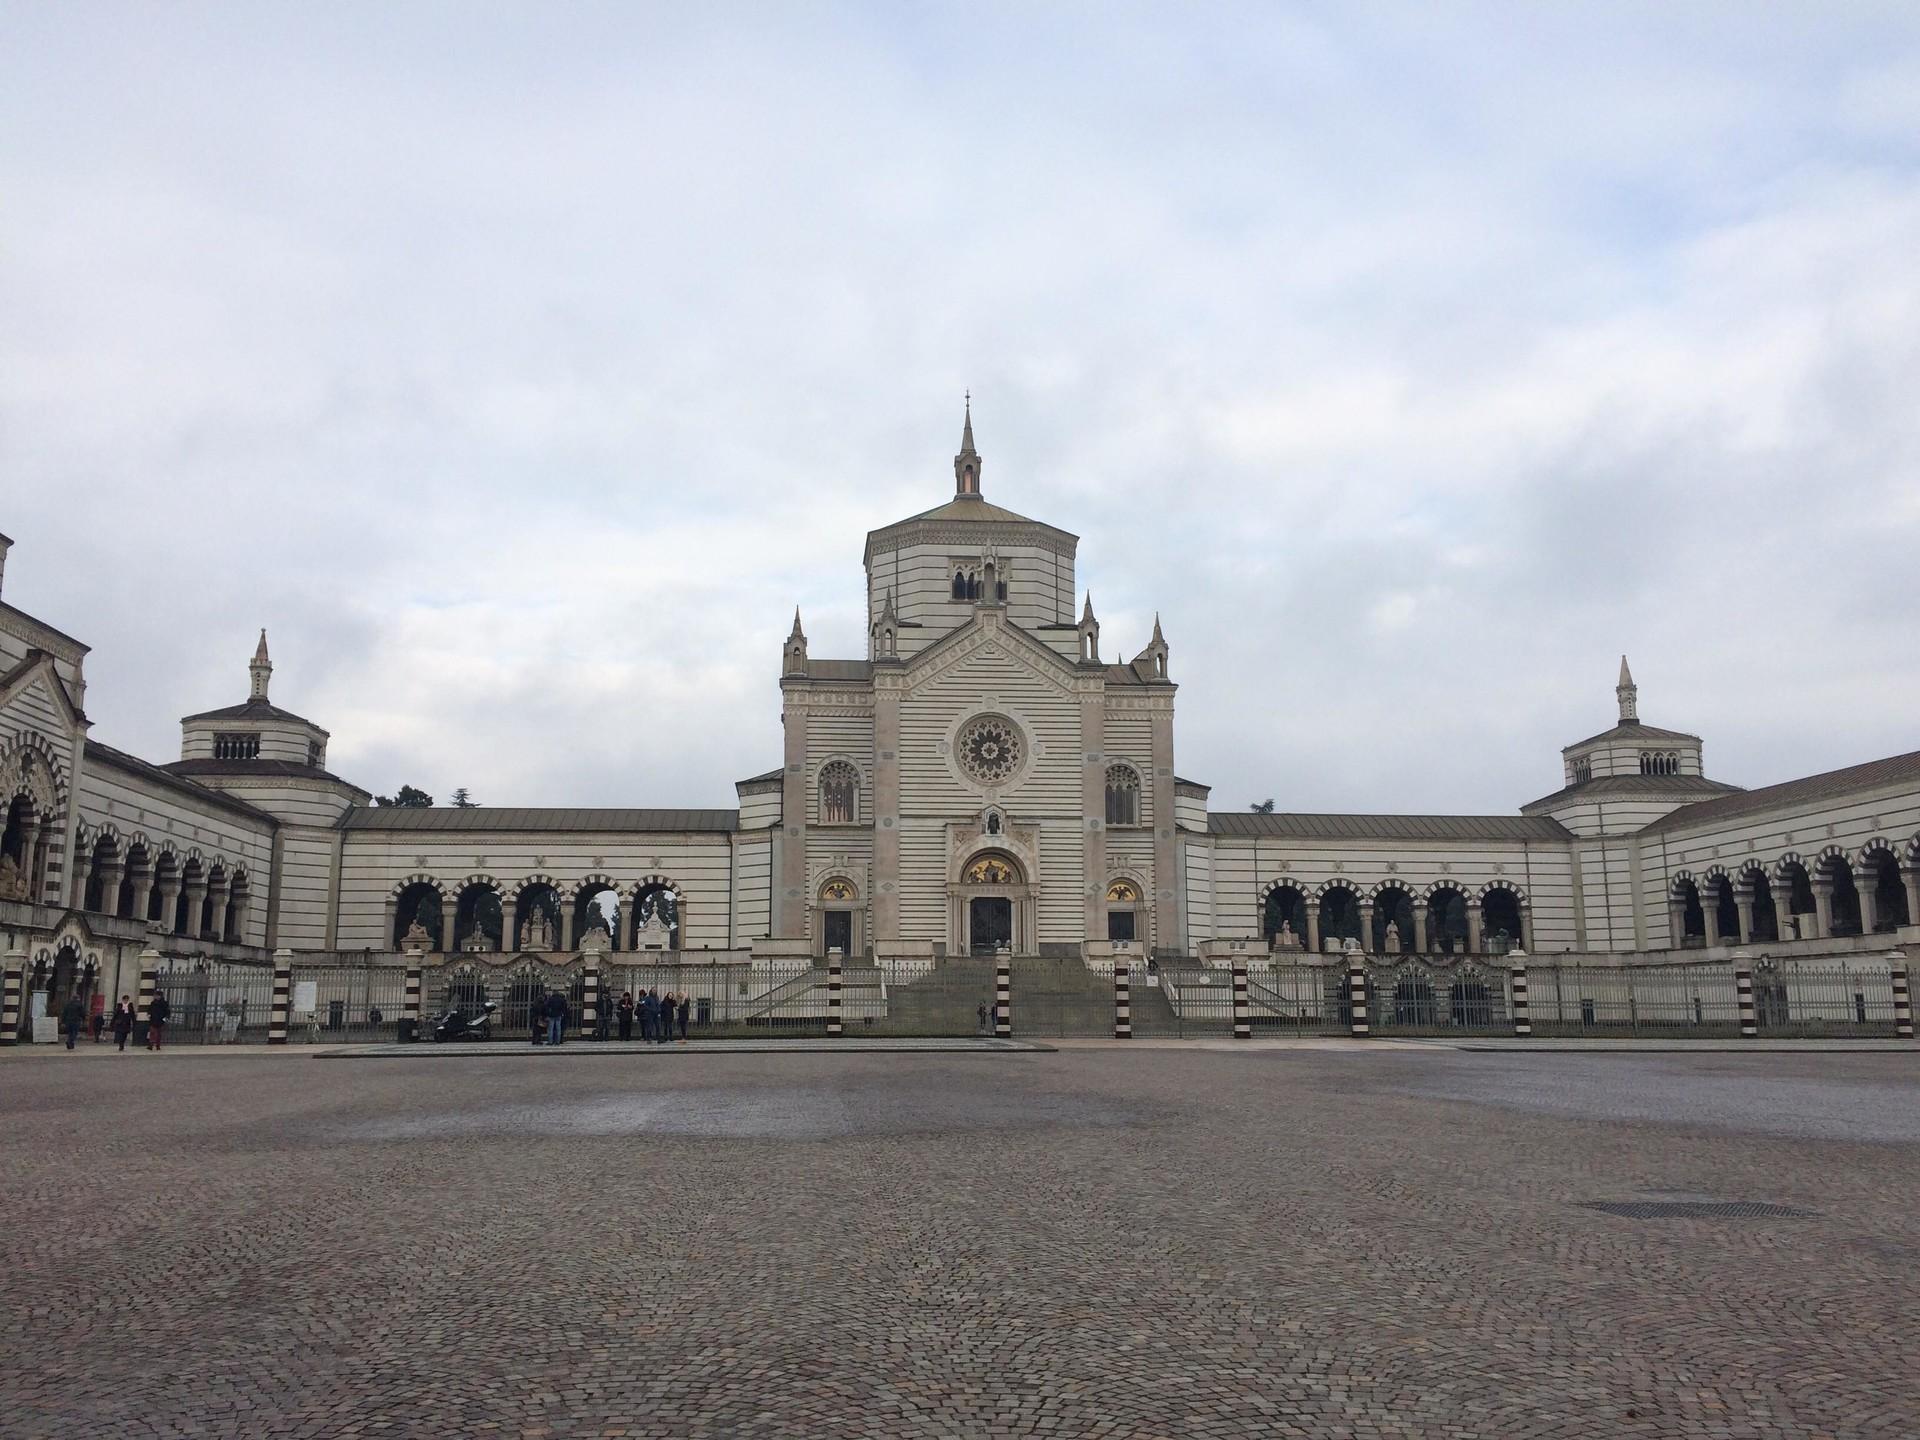 cimetero-monumentale-di-milano-3f41cbb18